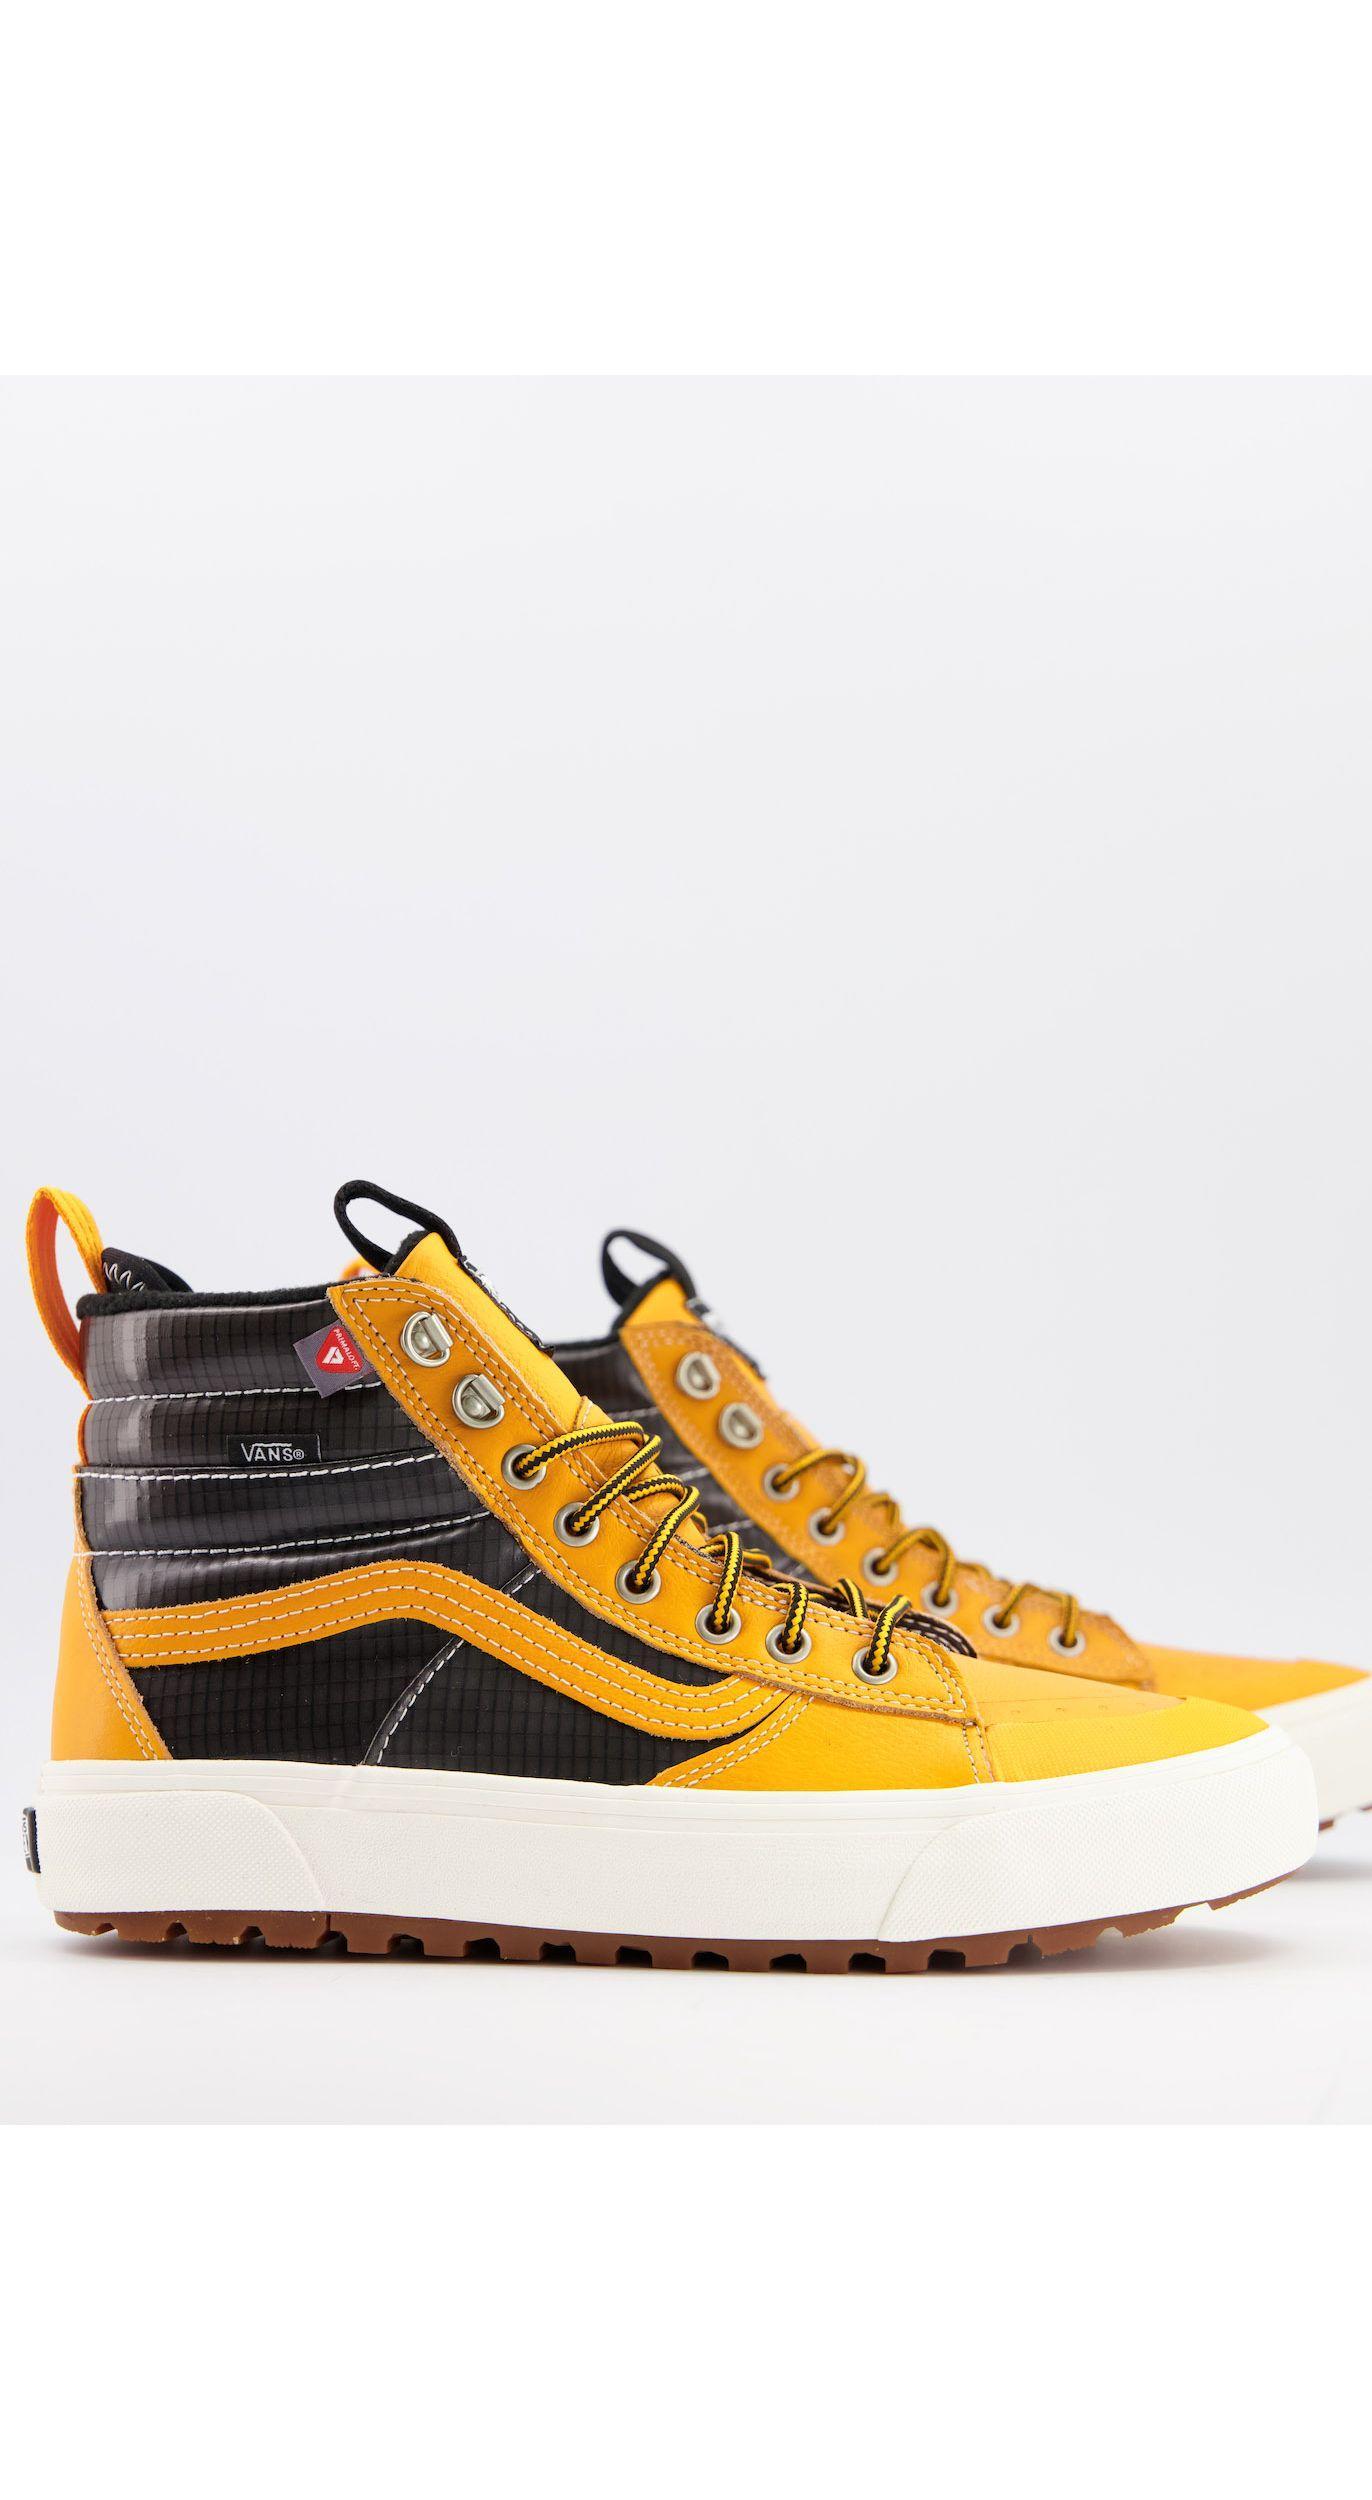 SK8-Hi MTE 2.0 DX - Baskets Vans pour homme en coloris Orange - Lyst